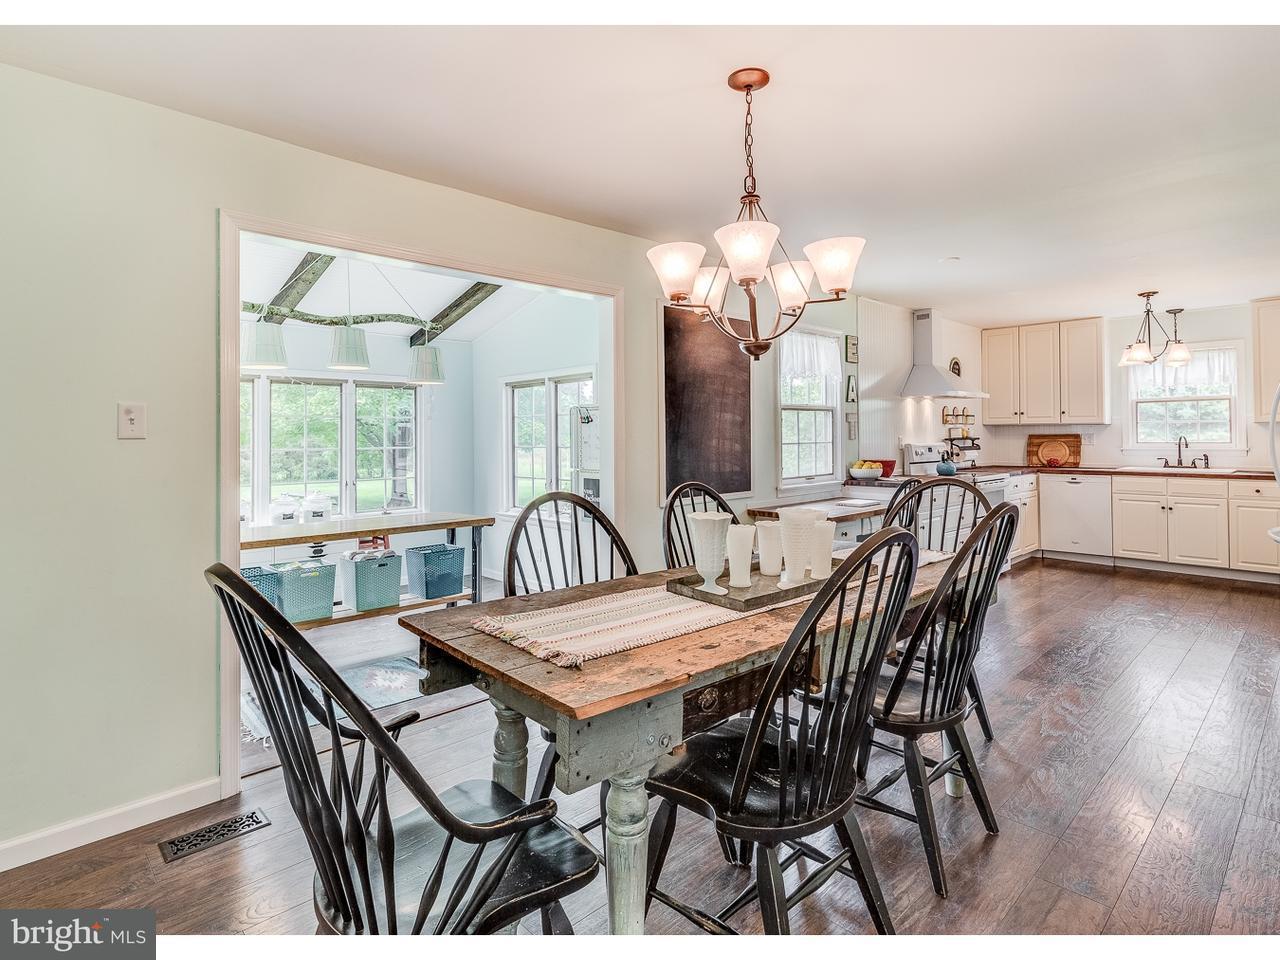 Частный односемейный дом для того Продажа на 17 STOWNECK Road Hancocks Bridge, Нью-Джерси 08079 Соединенные Штаты